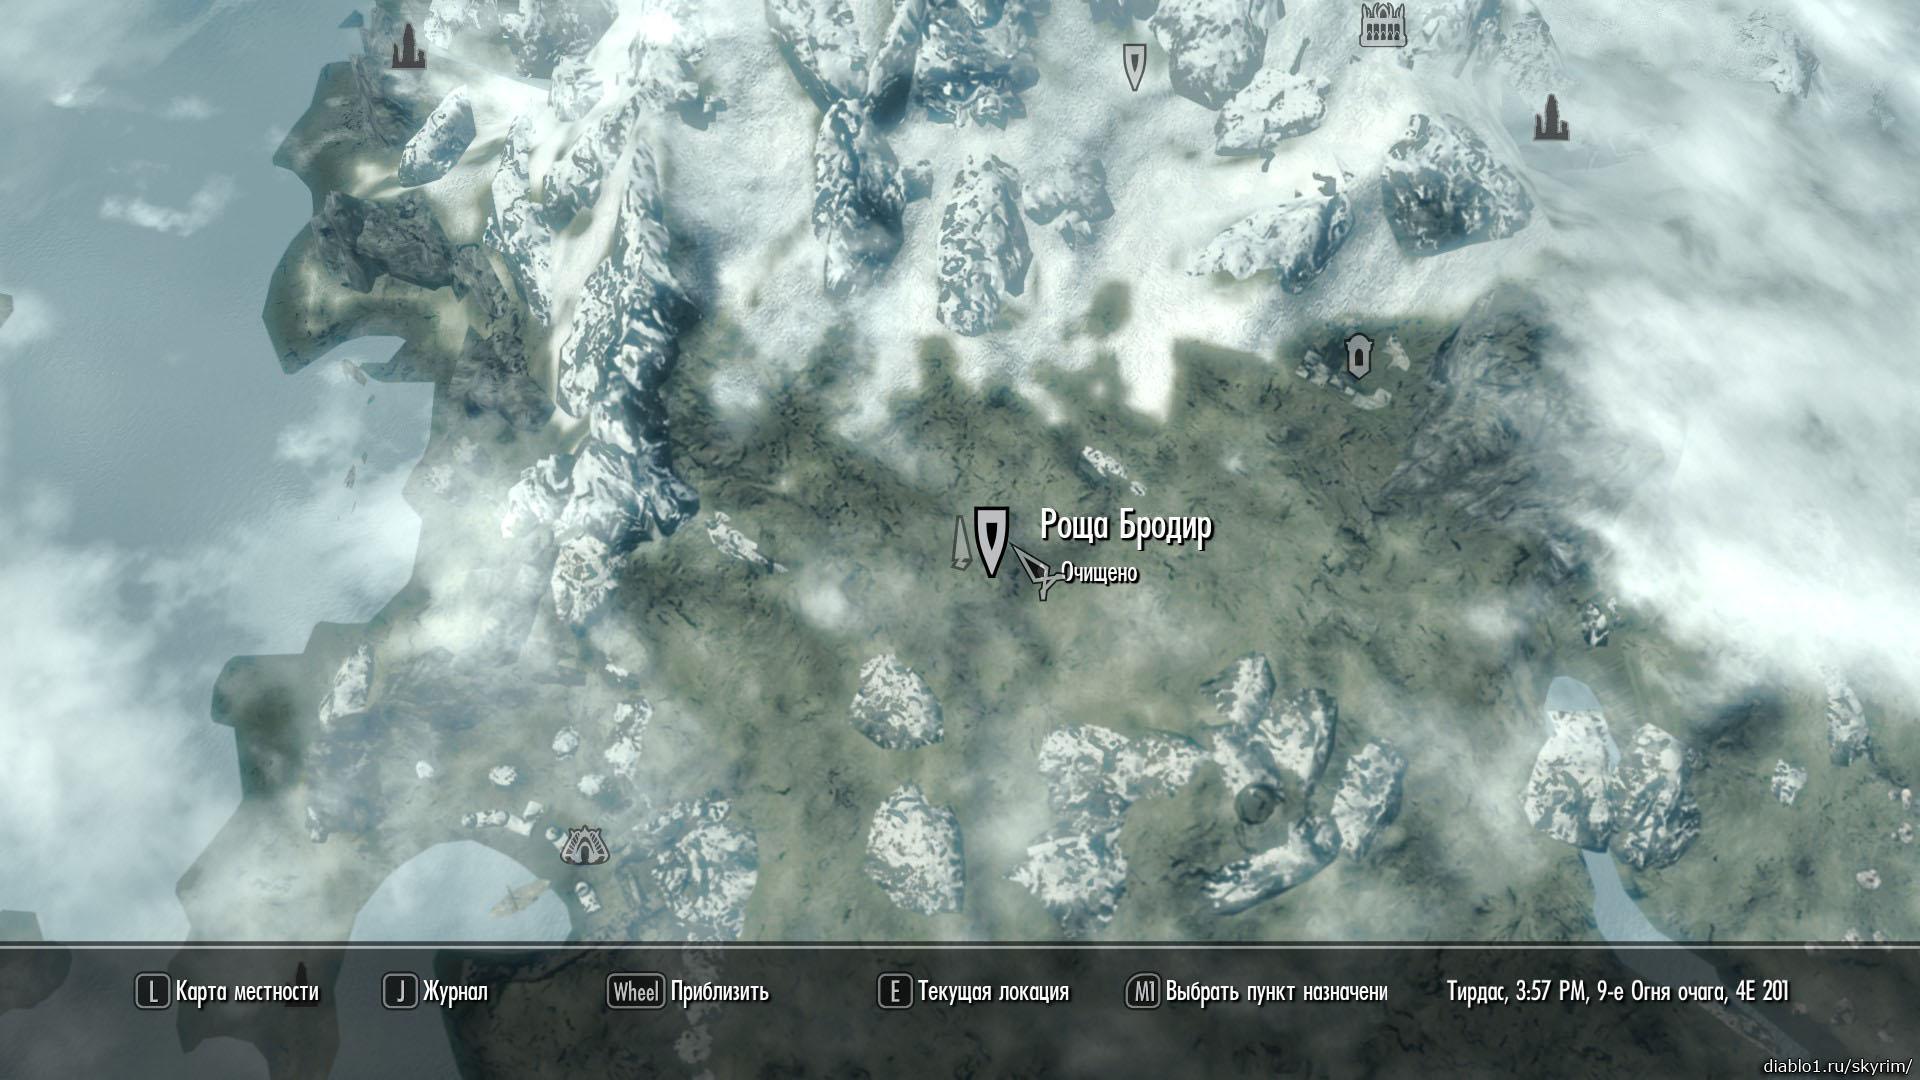 Камни-сердечники (Heart Stones) прохождение Скайрим Dragonborn -